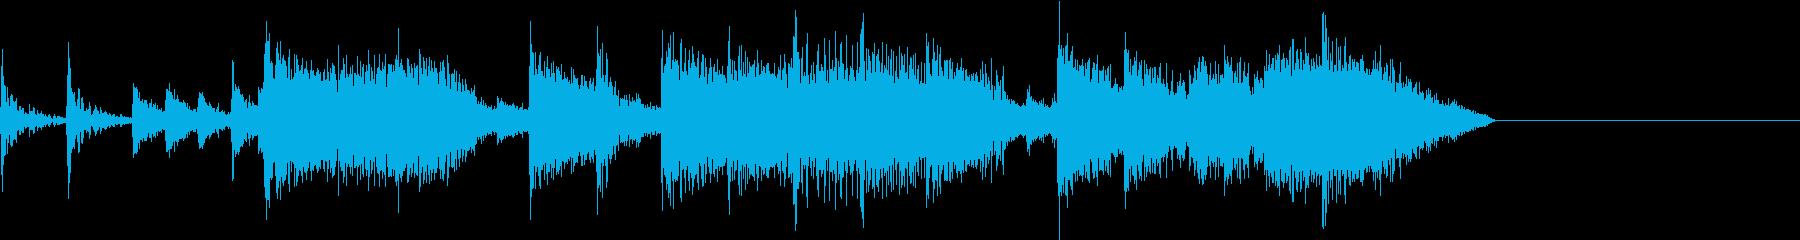 定番ロックサウンド調ジングルの再生済みの波形